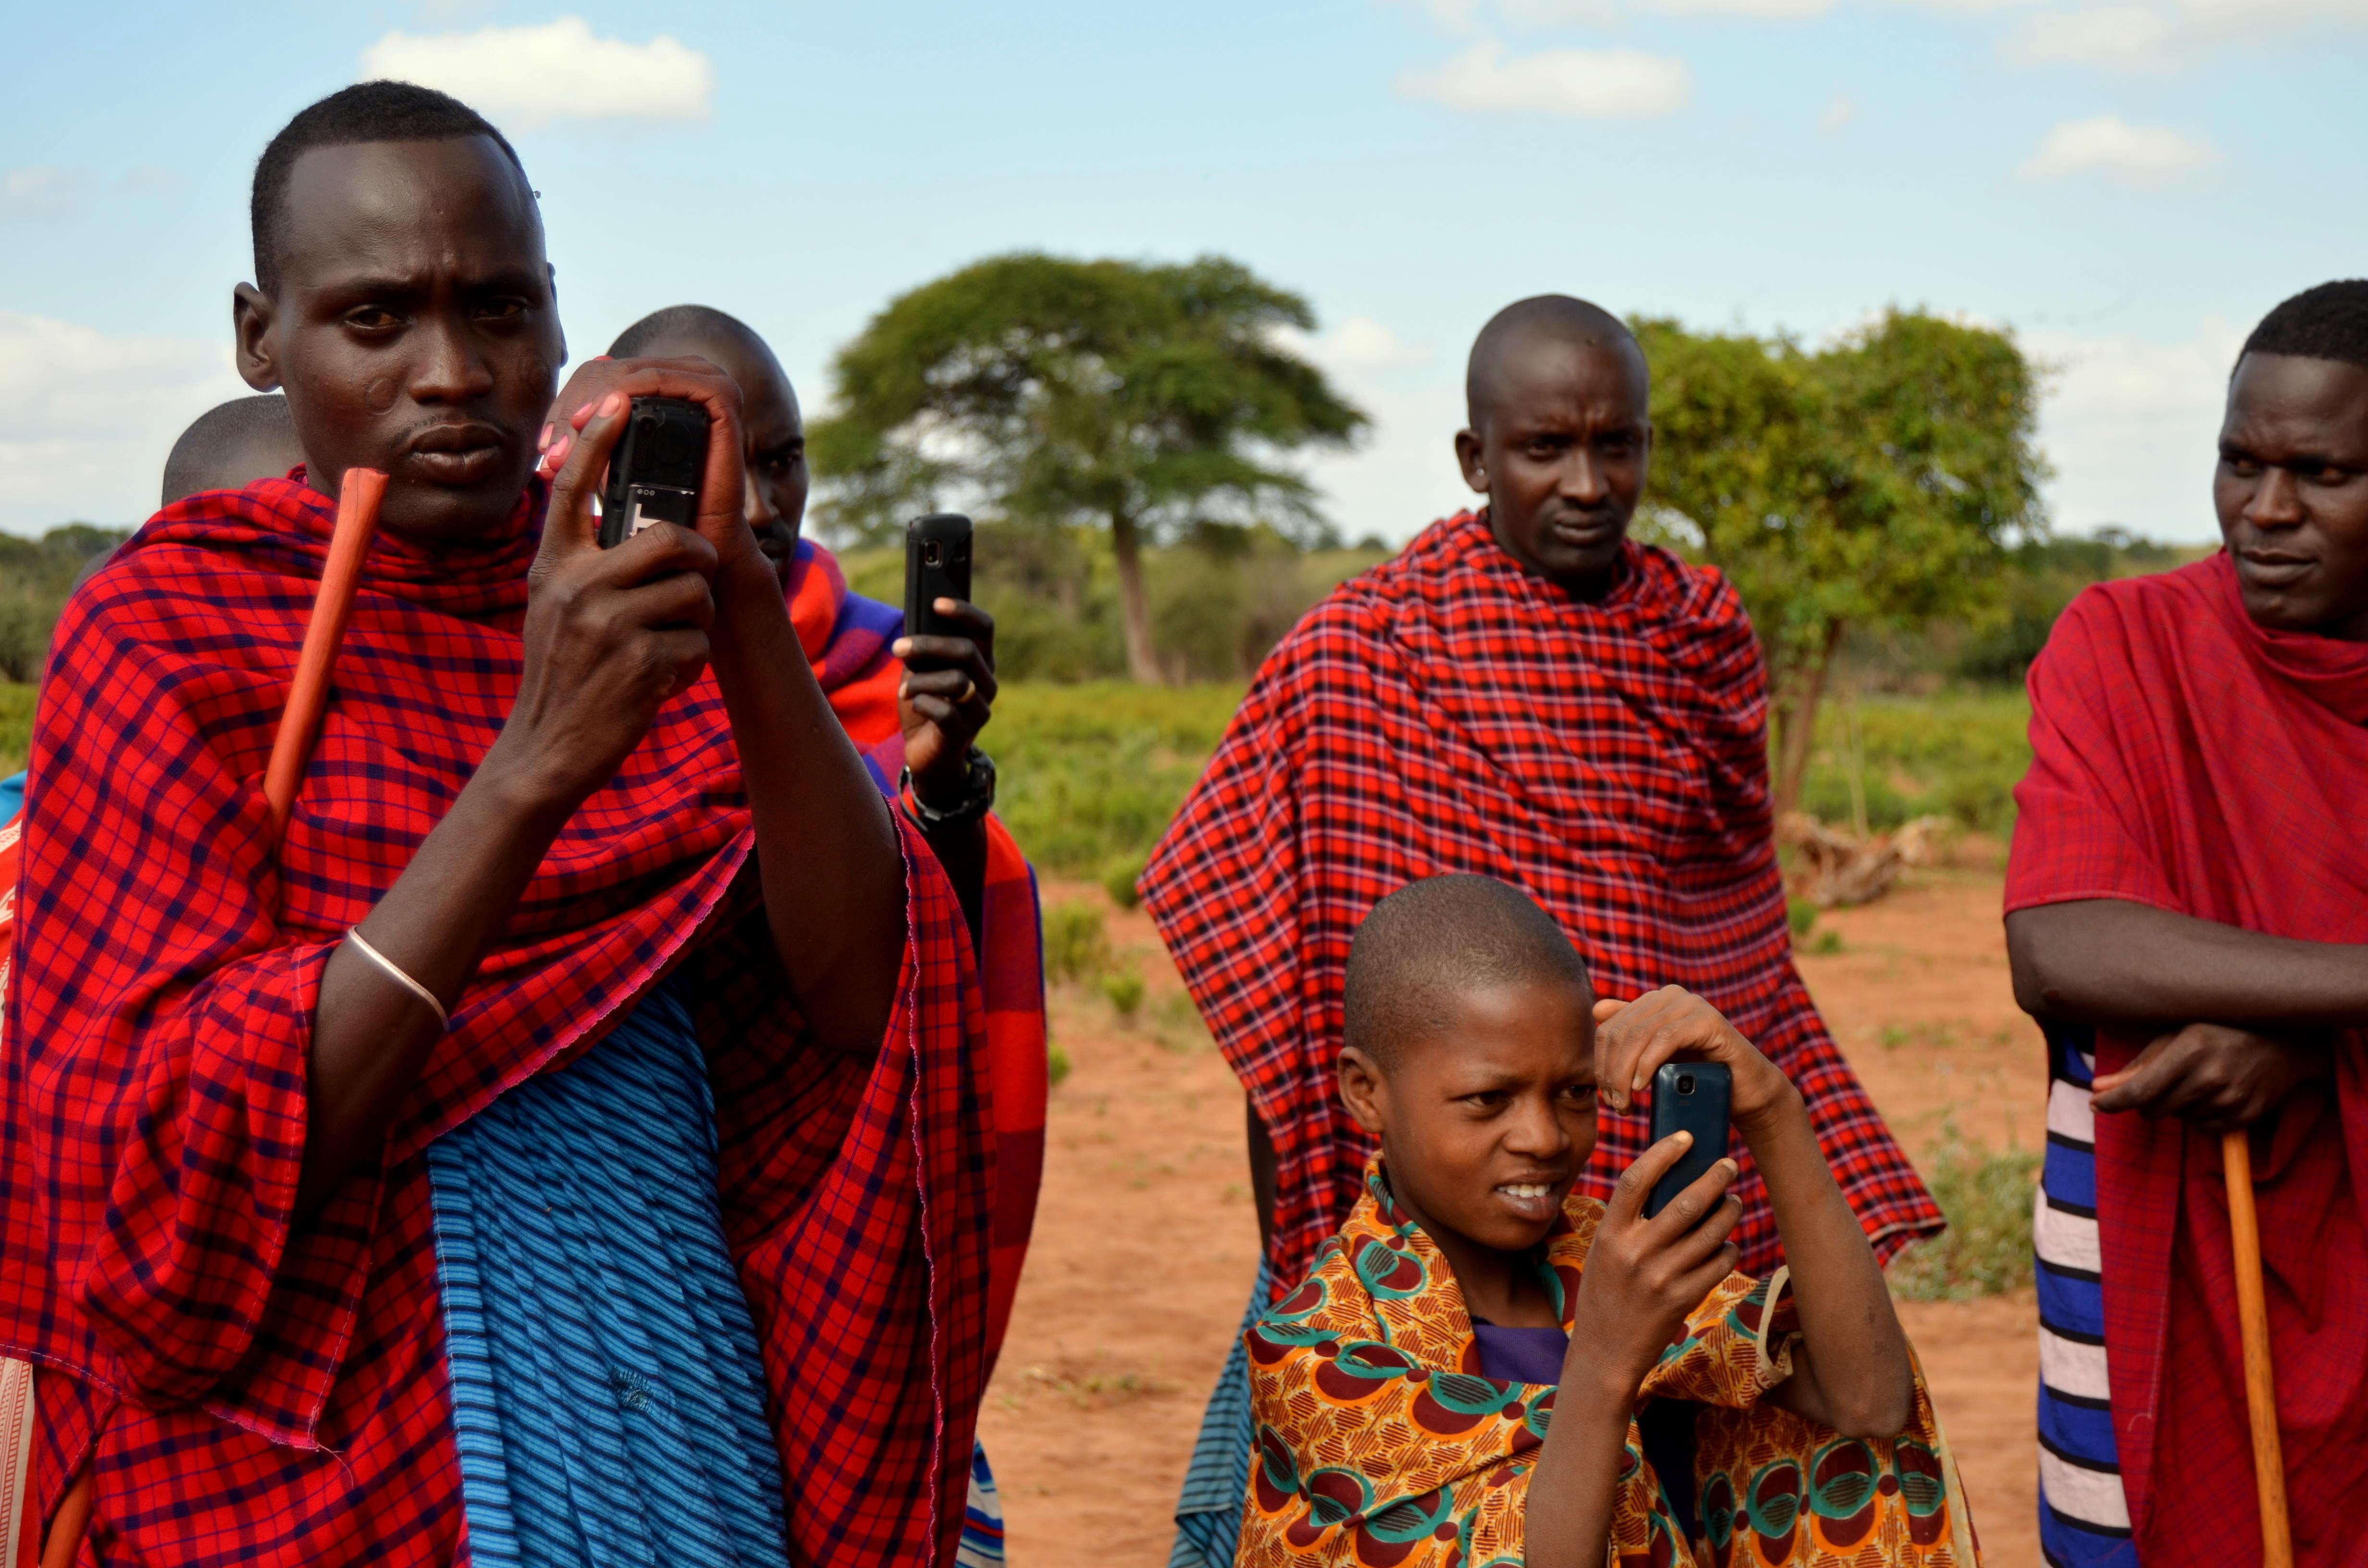 Fotografové. Masajové sice žijí tradičně, ale mobily jsou součástí jejich každodenního života.